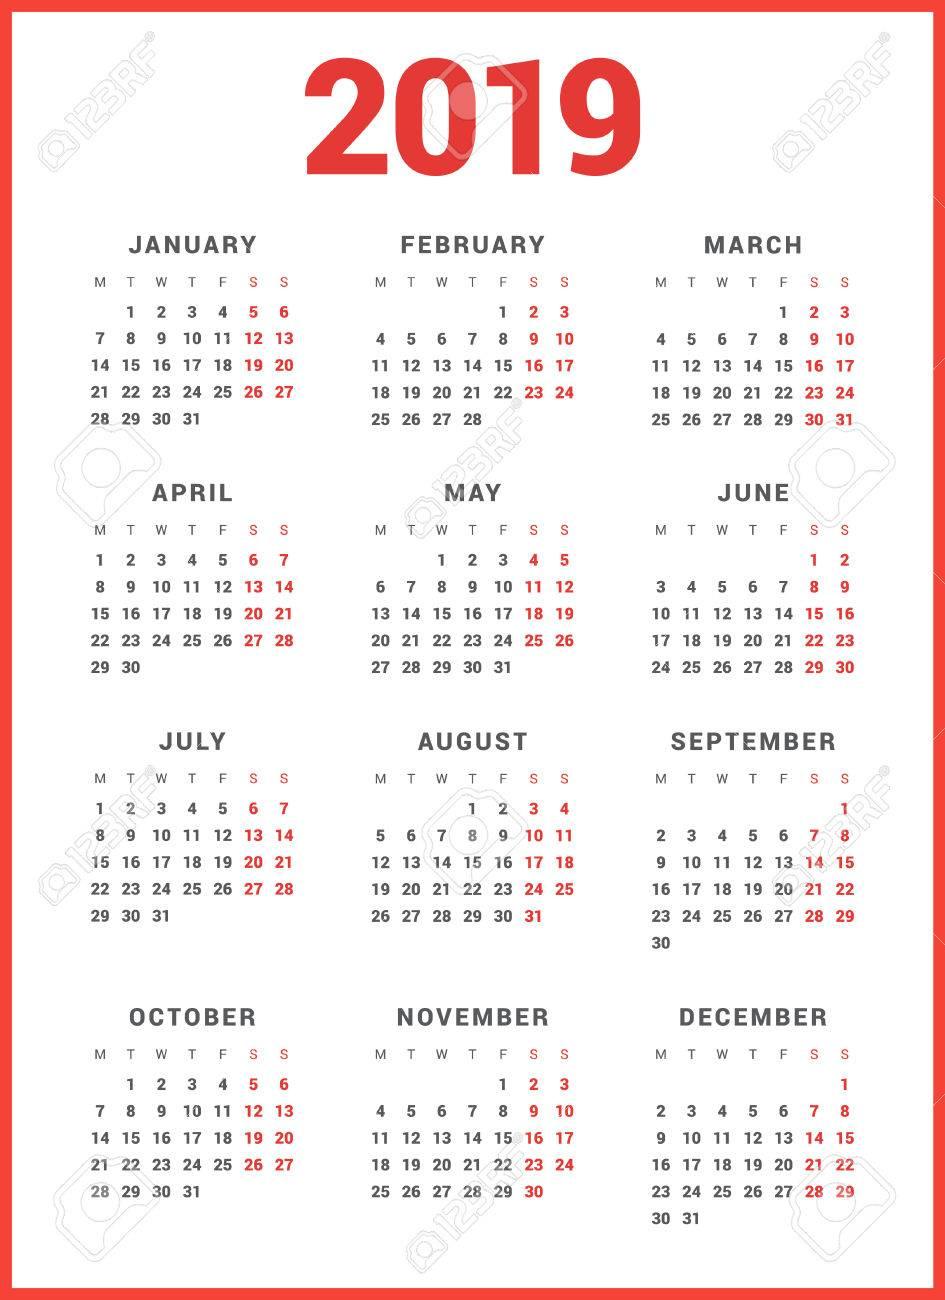 Modelli Calendario 2019.Calendario Per L Anno 2019 Su Sfondo Bianco La Settimana Inizia Lunedi Modello Vettoriale Semplice Modello Di Disegno Della Cancelleria